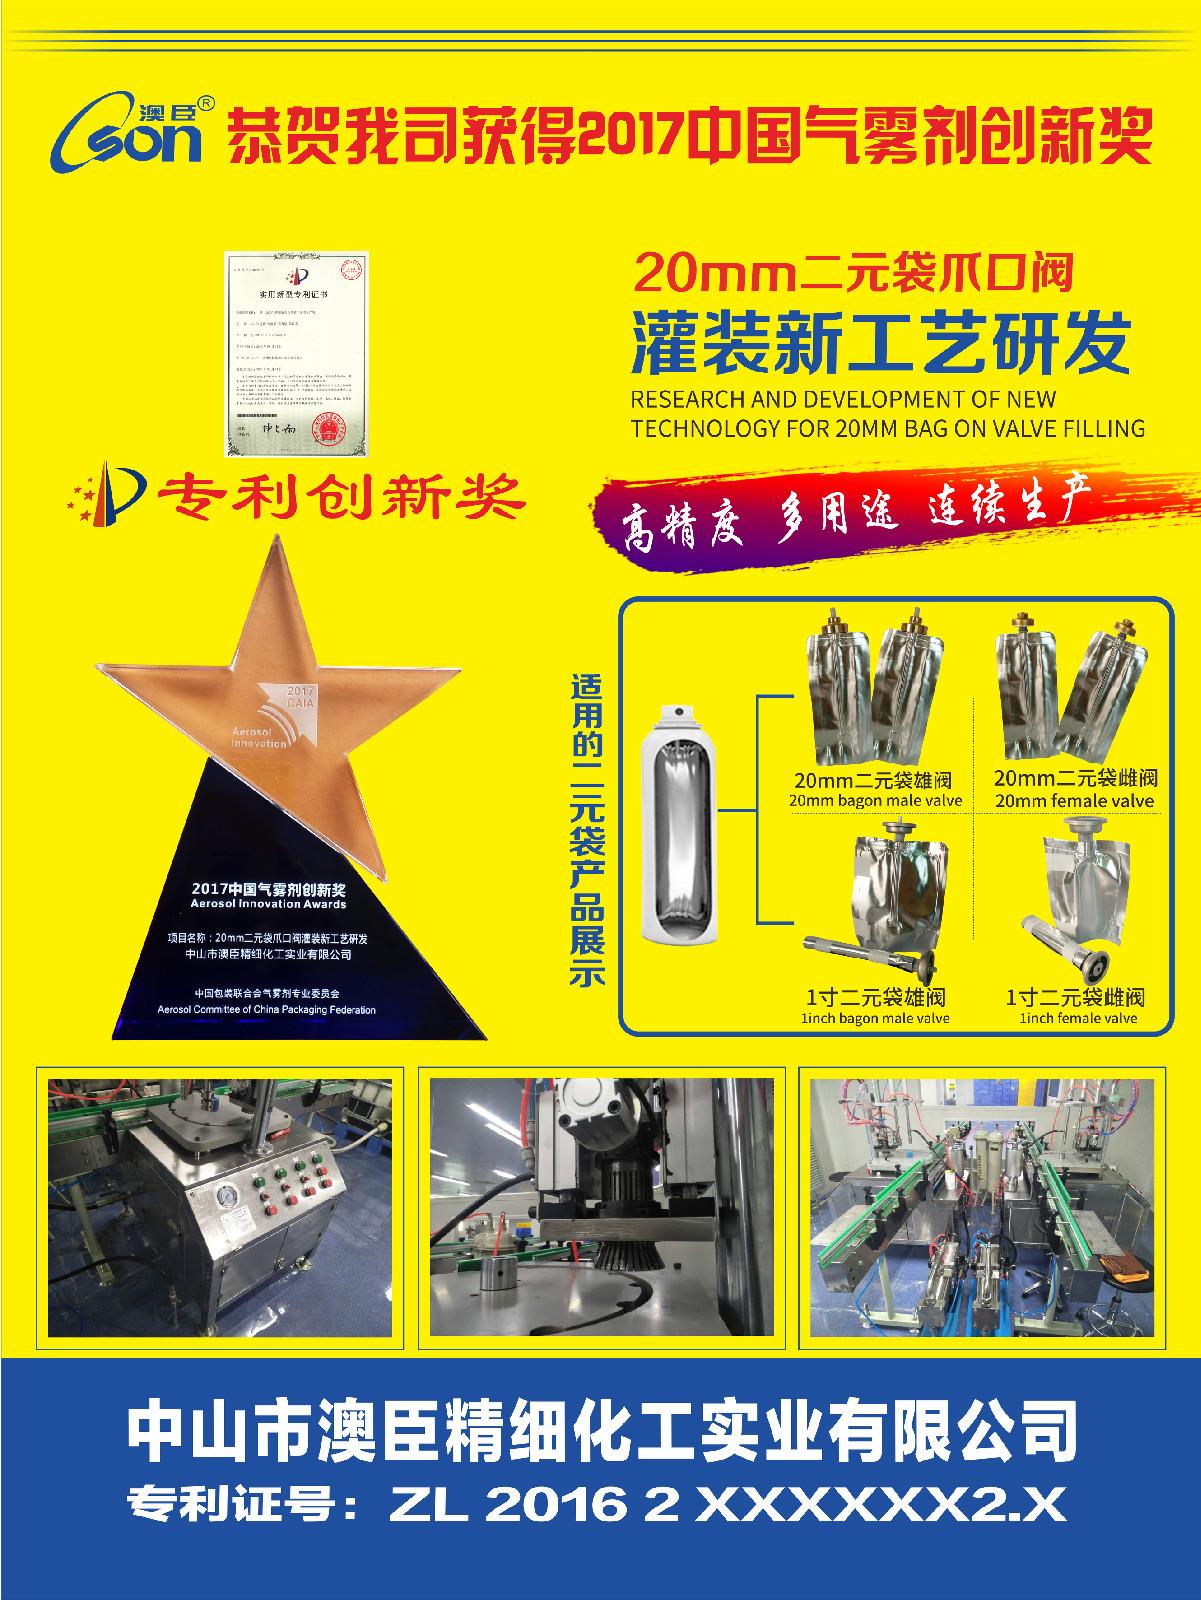 恭贺我司获得2017中国气雾剂创新奖